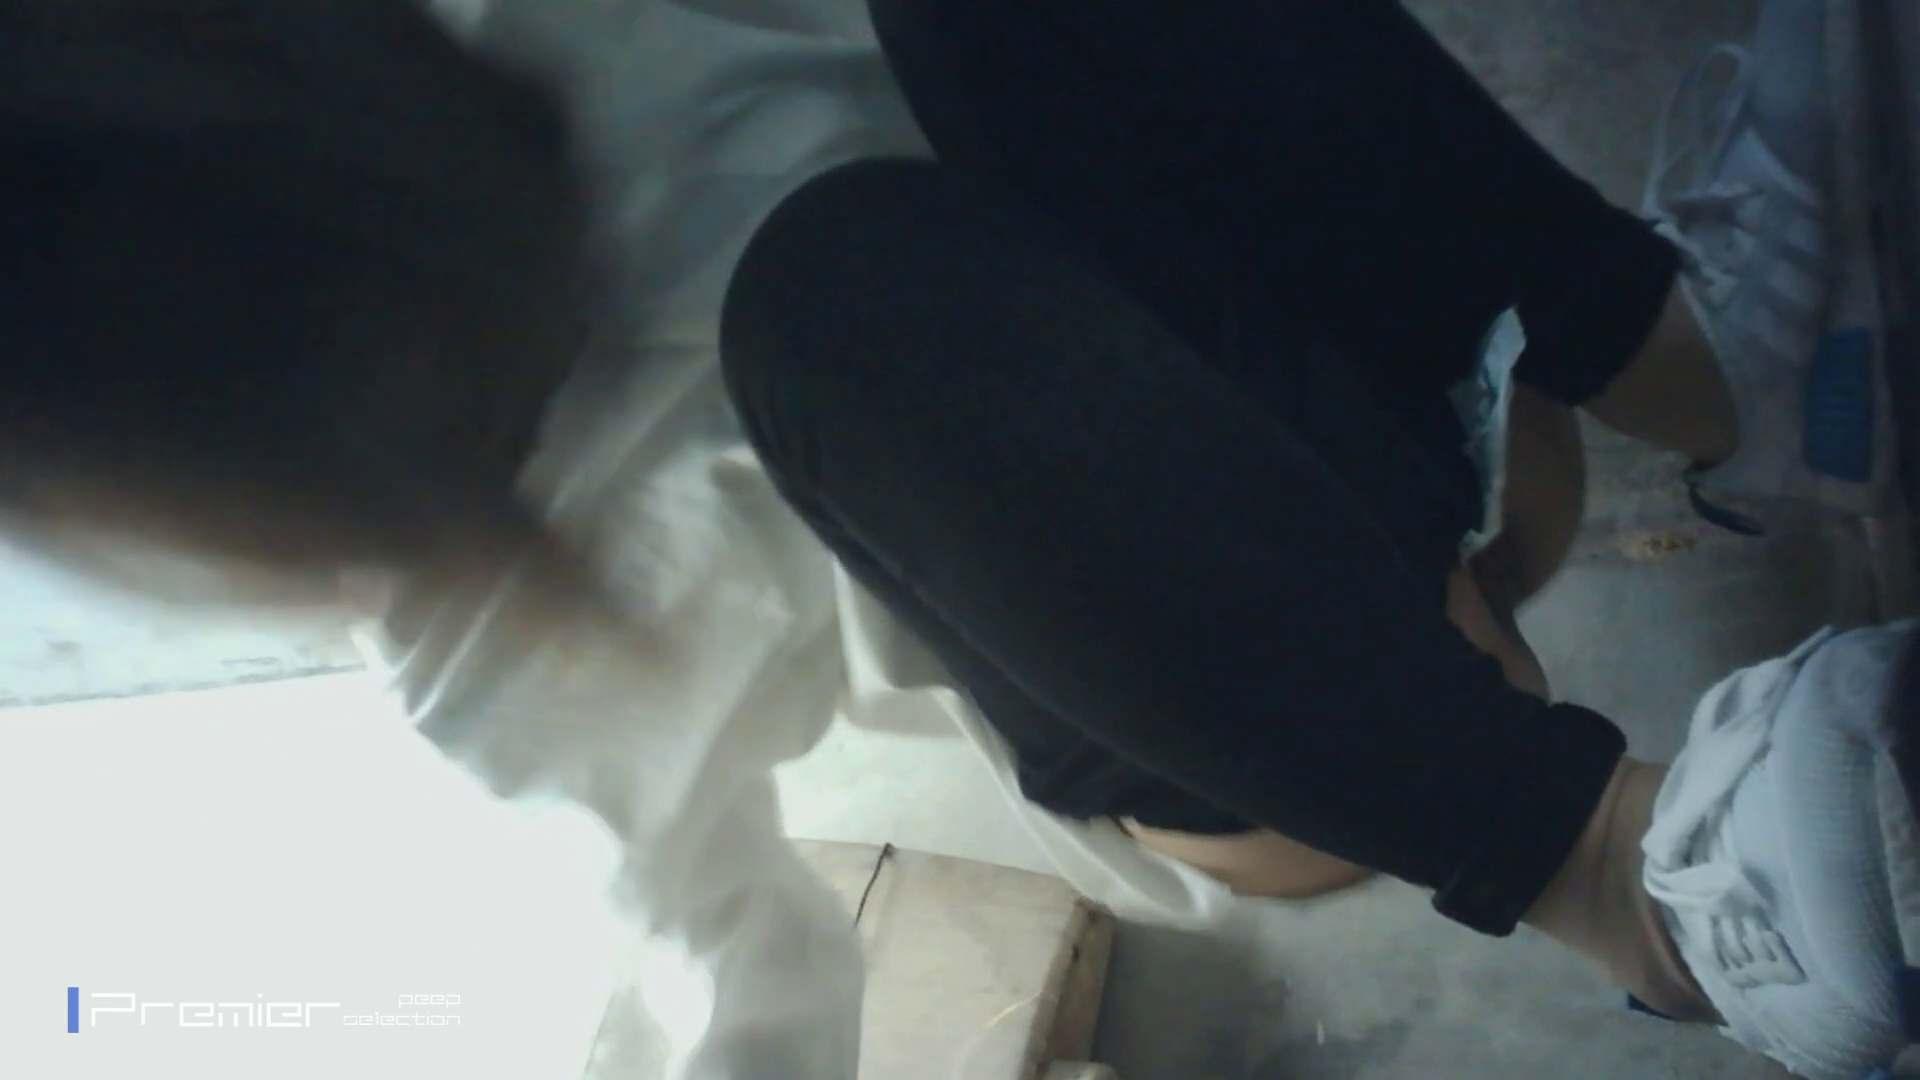 おとなしそうな女の子 トイレシーンを密着盗撮!! 美女の痴態に密着!Vol.24 盗撮 エロ無料画像 100pic 67